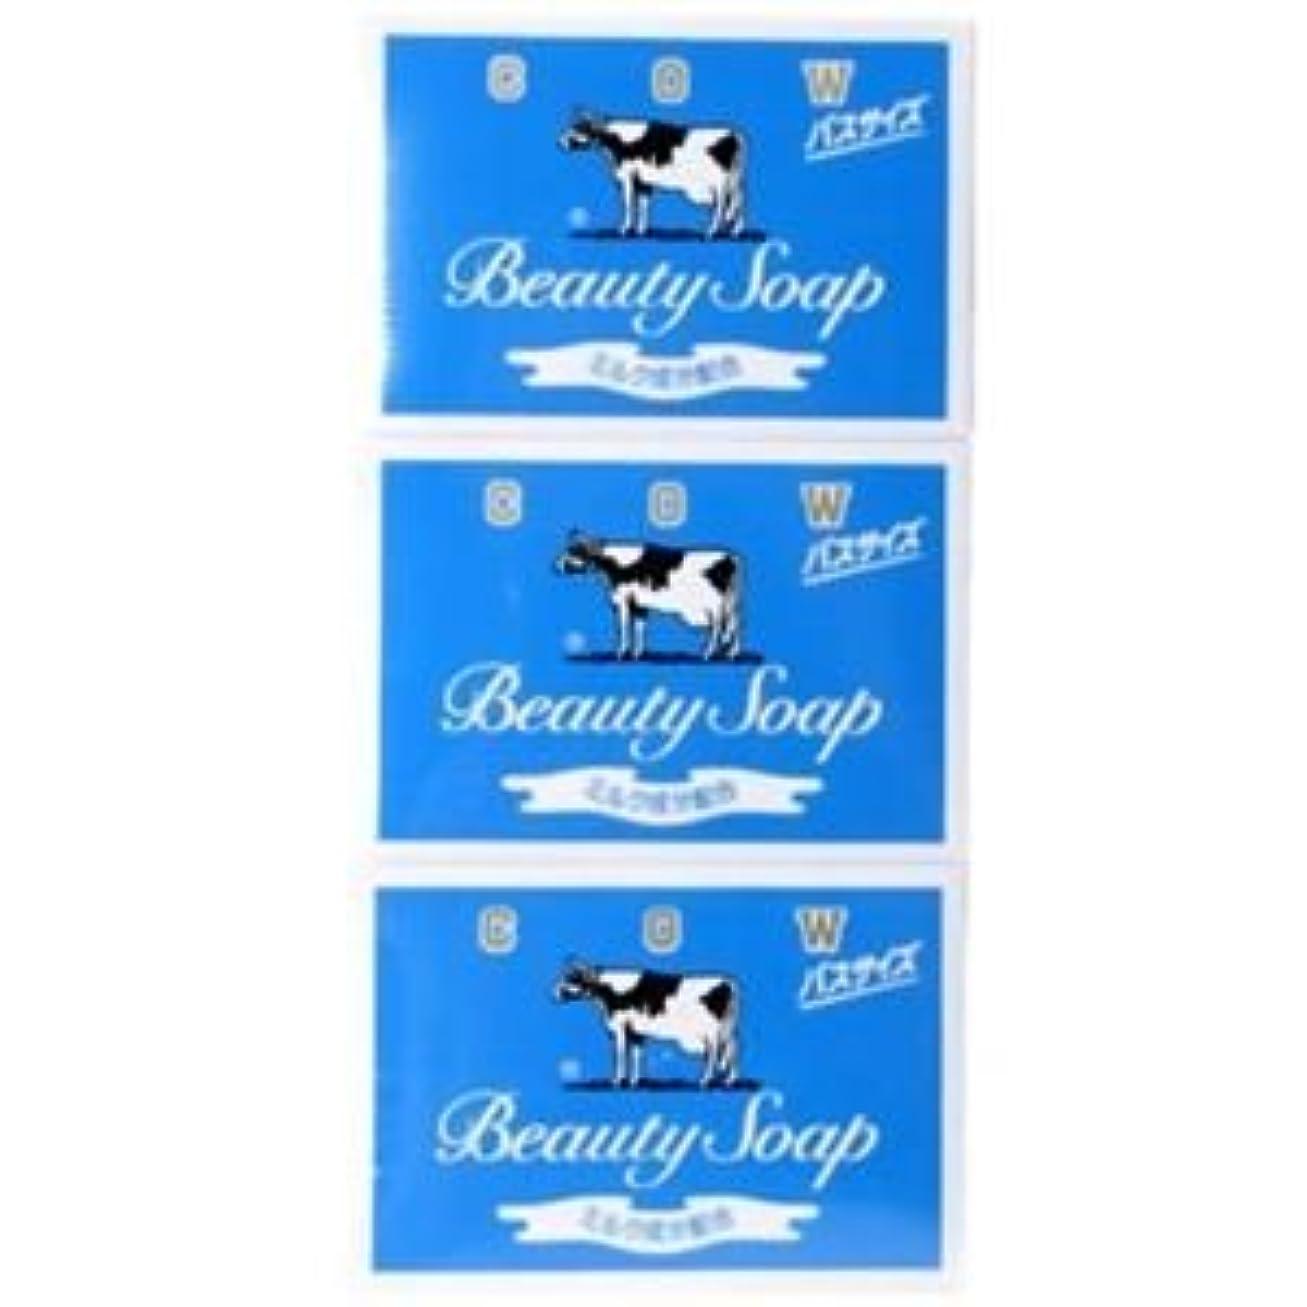 どうしたの輝度なぞらえるカウブランド 牛乳石鹸 青箱 バスサイズ 135g×3個入 10セット